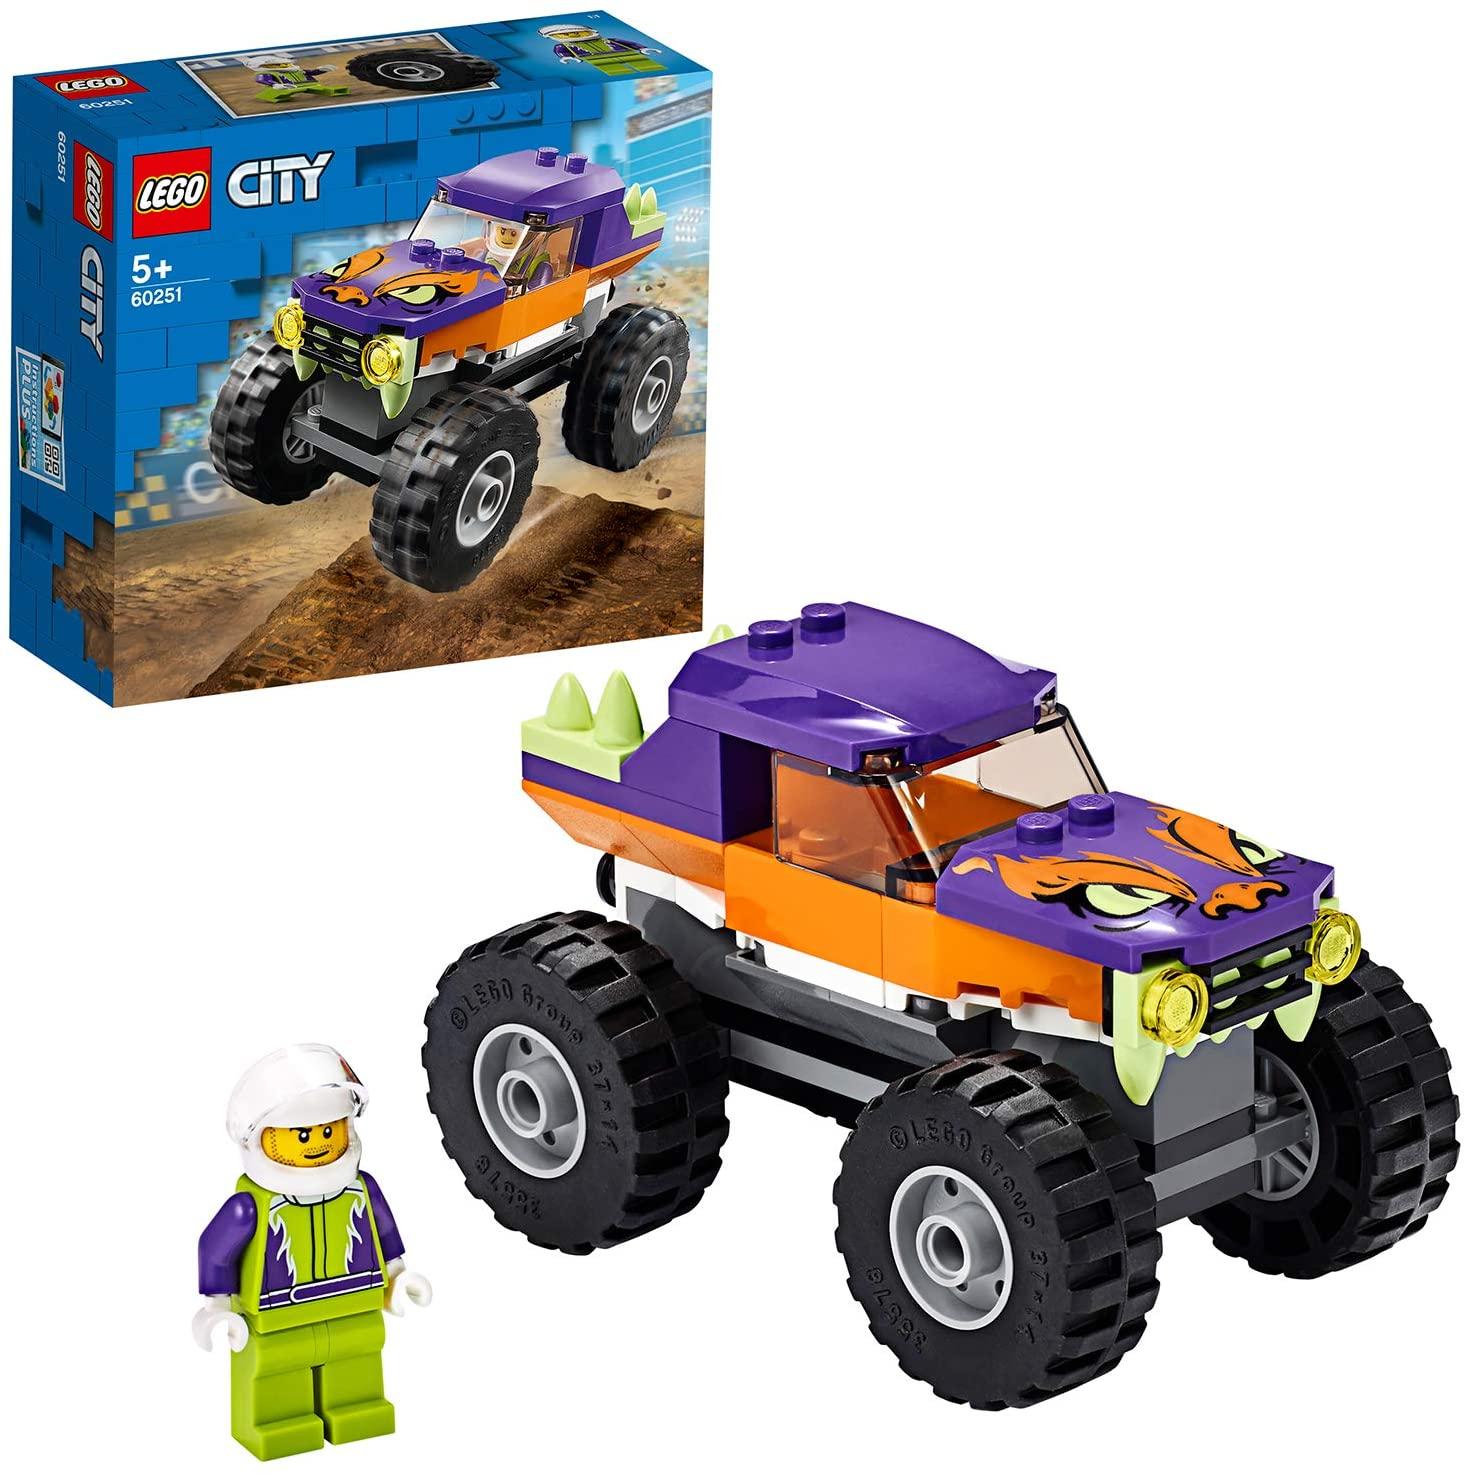 [Prime] LEGO 60251 City Monster-Truck